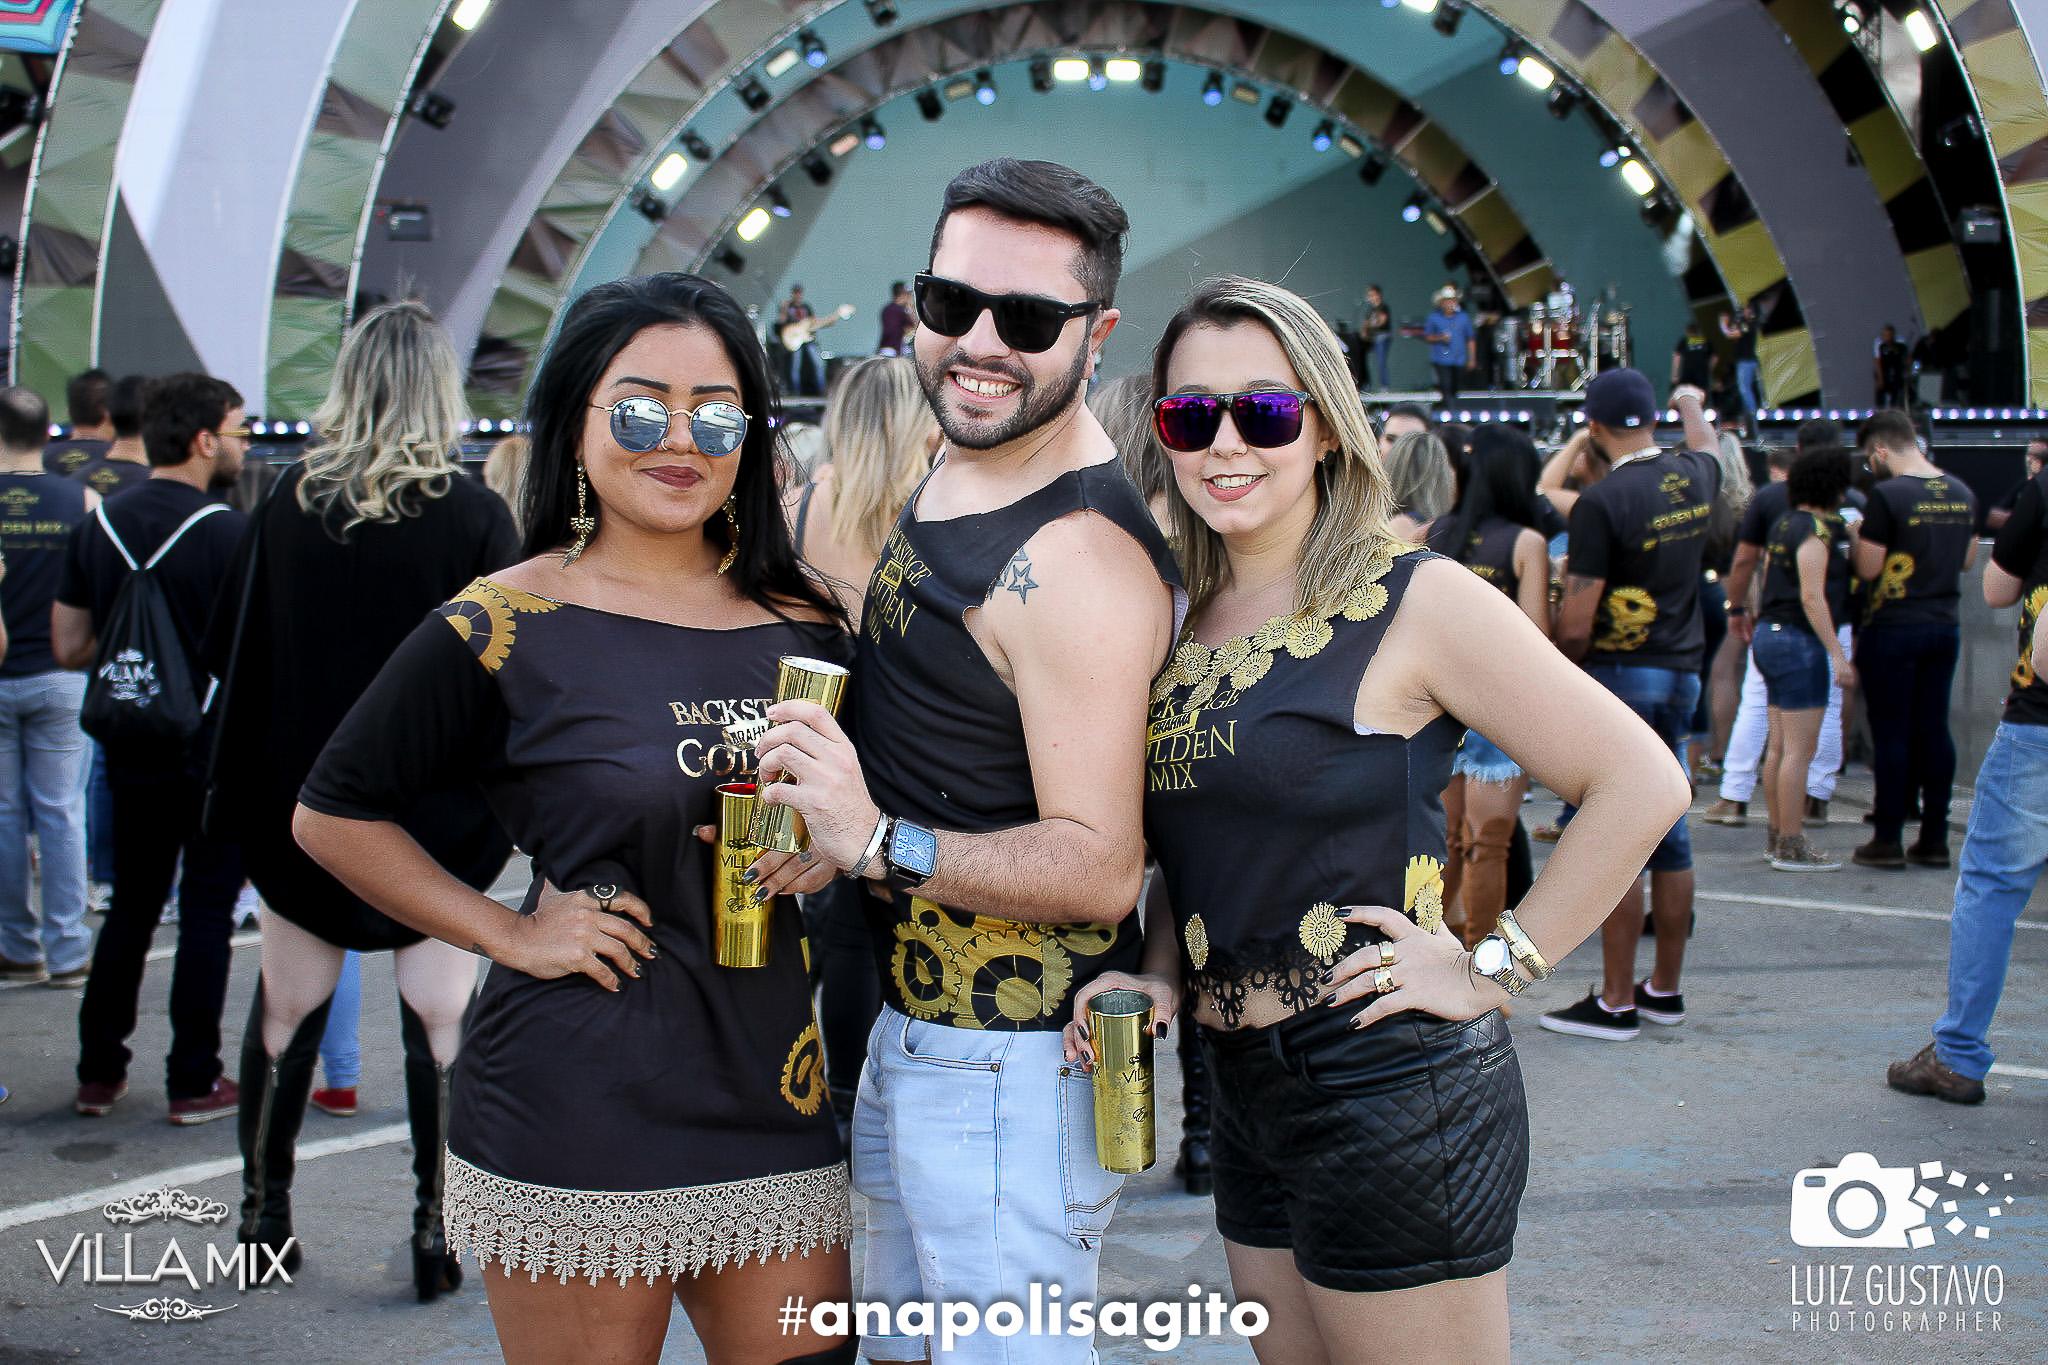 Luiz Gustavo Photographer (15 de 327)